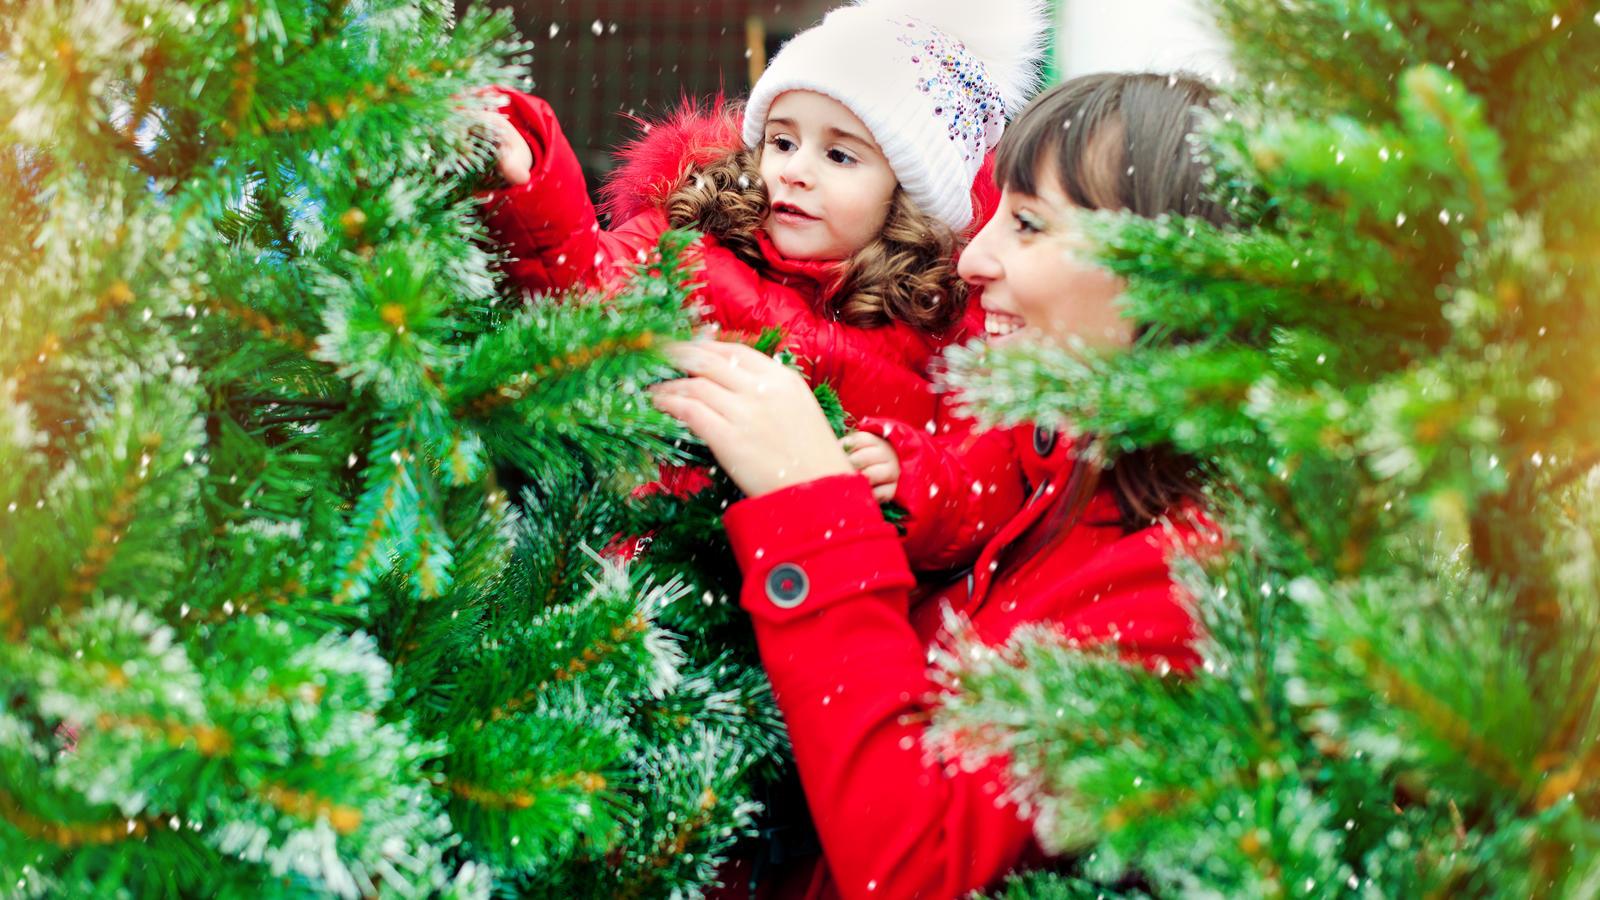 Ndr Weihnachtsbaum.Pestizide Am Weihnachtsbaum Gesundheitsgefahr Für Den Verbraucher